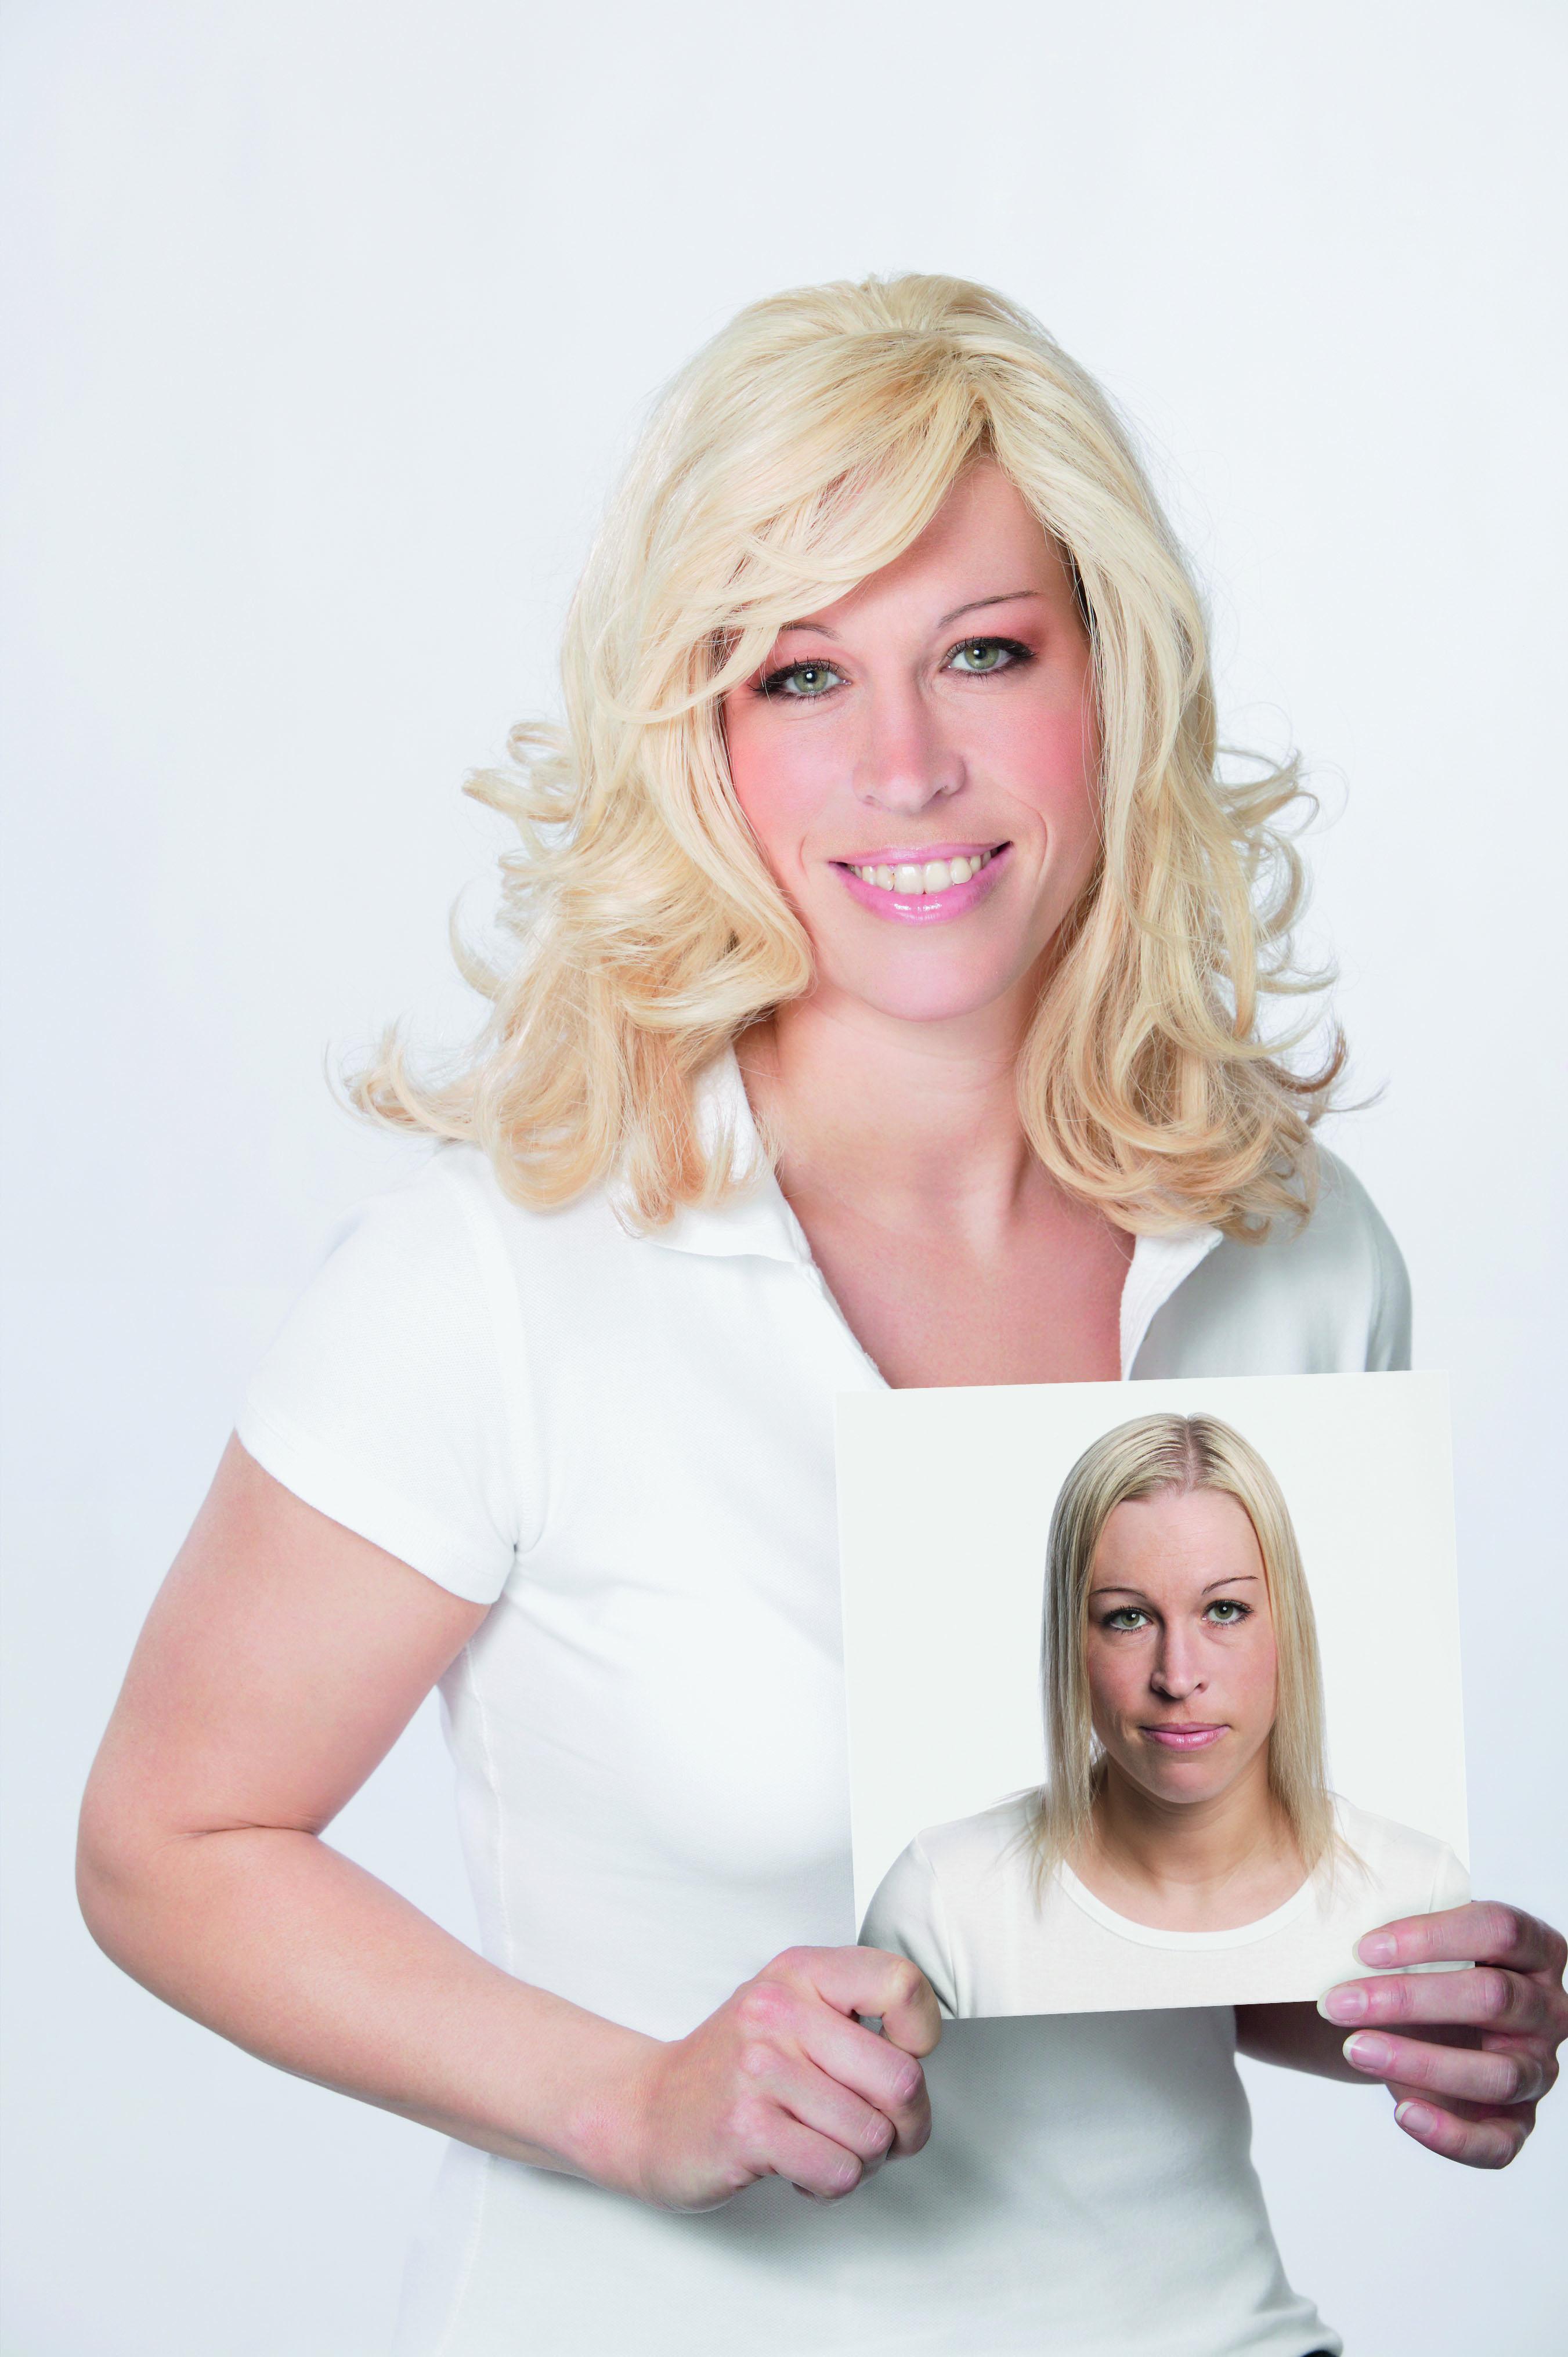 Hairdreams_Haarverdichtungen_Microlines_Bonn_Beispiele_Fotos_Vorher_Nachher_002